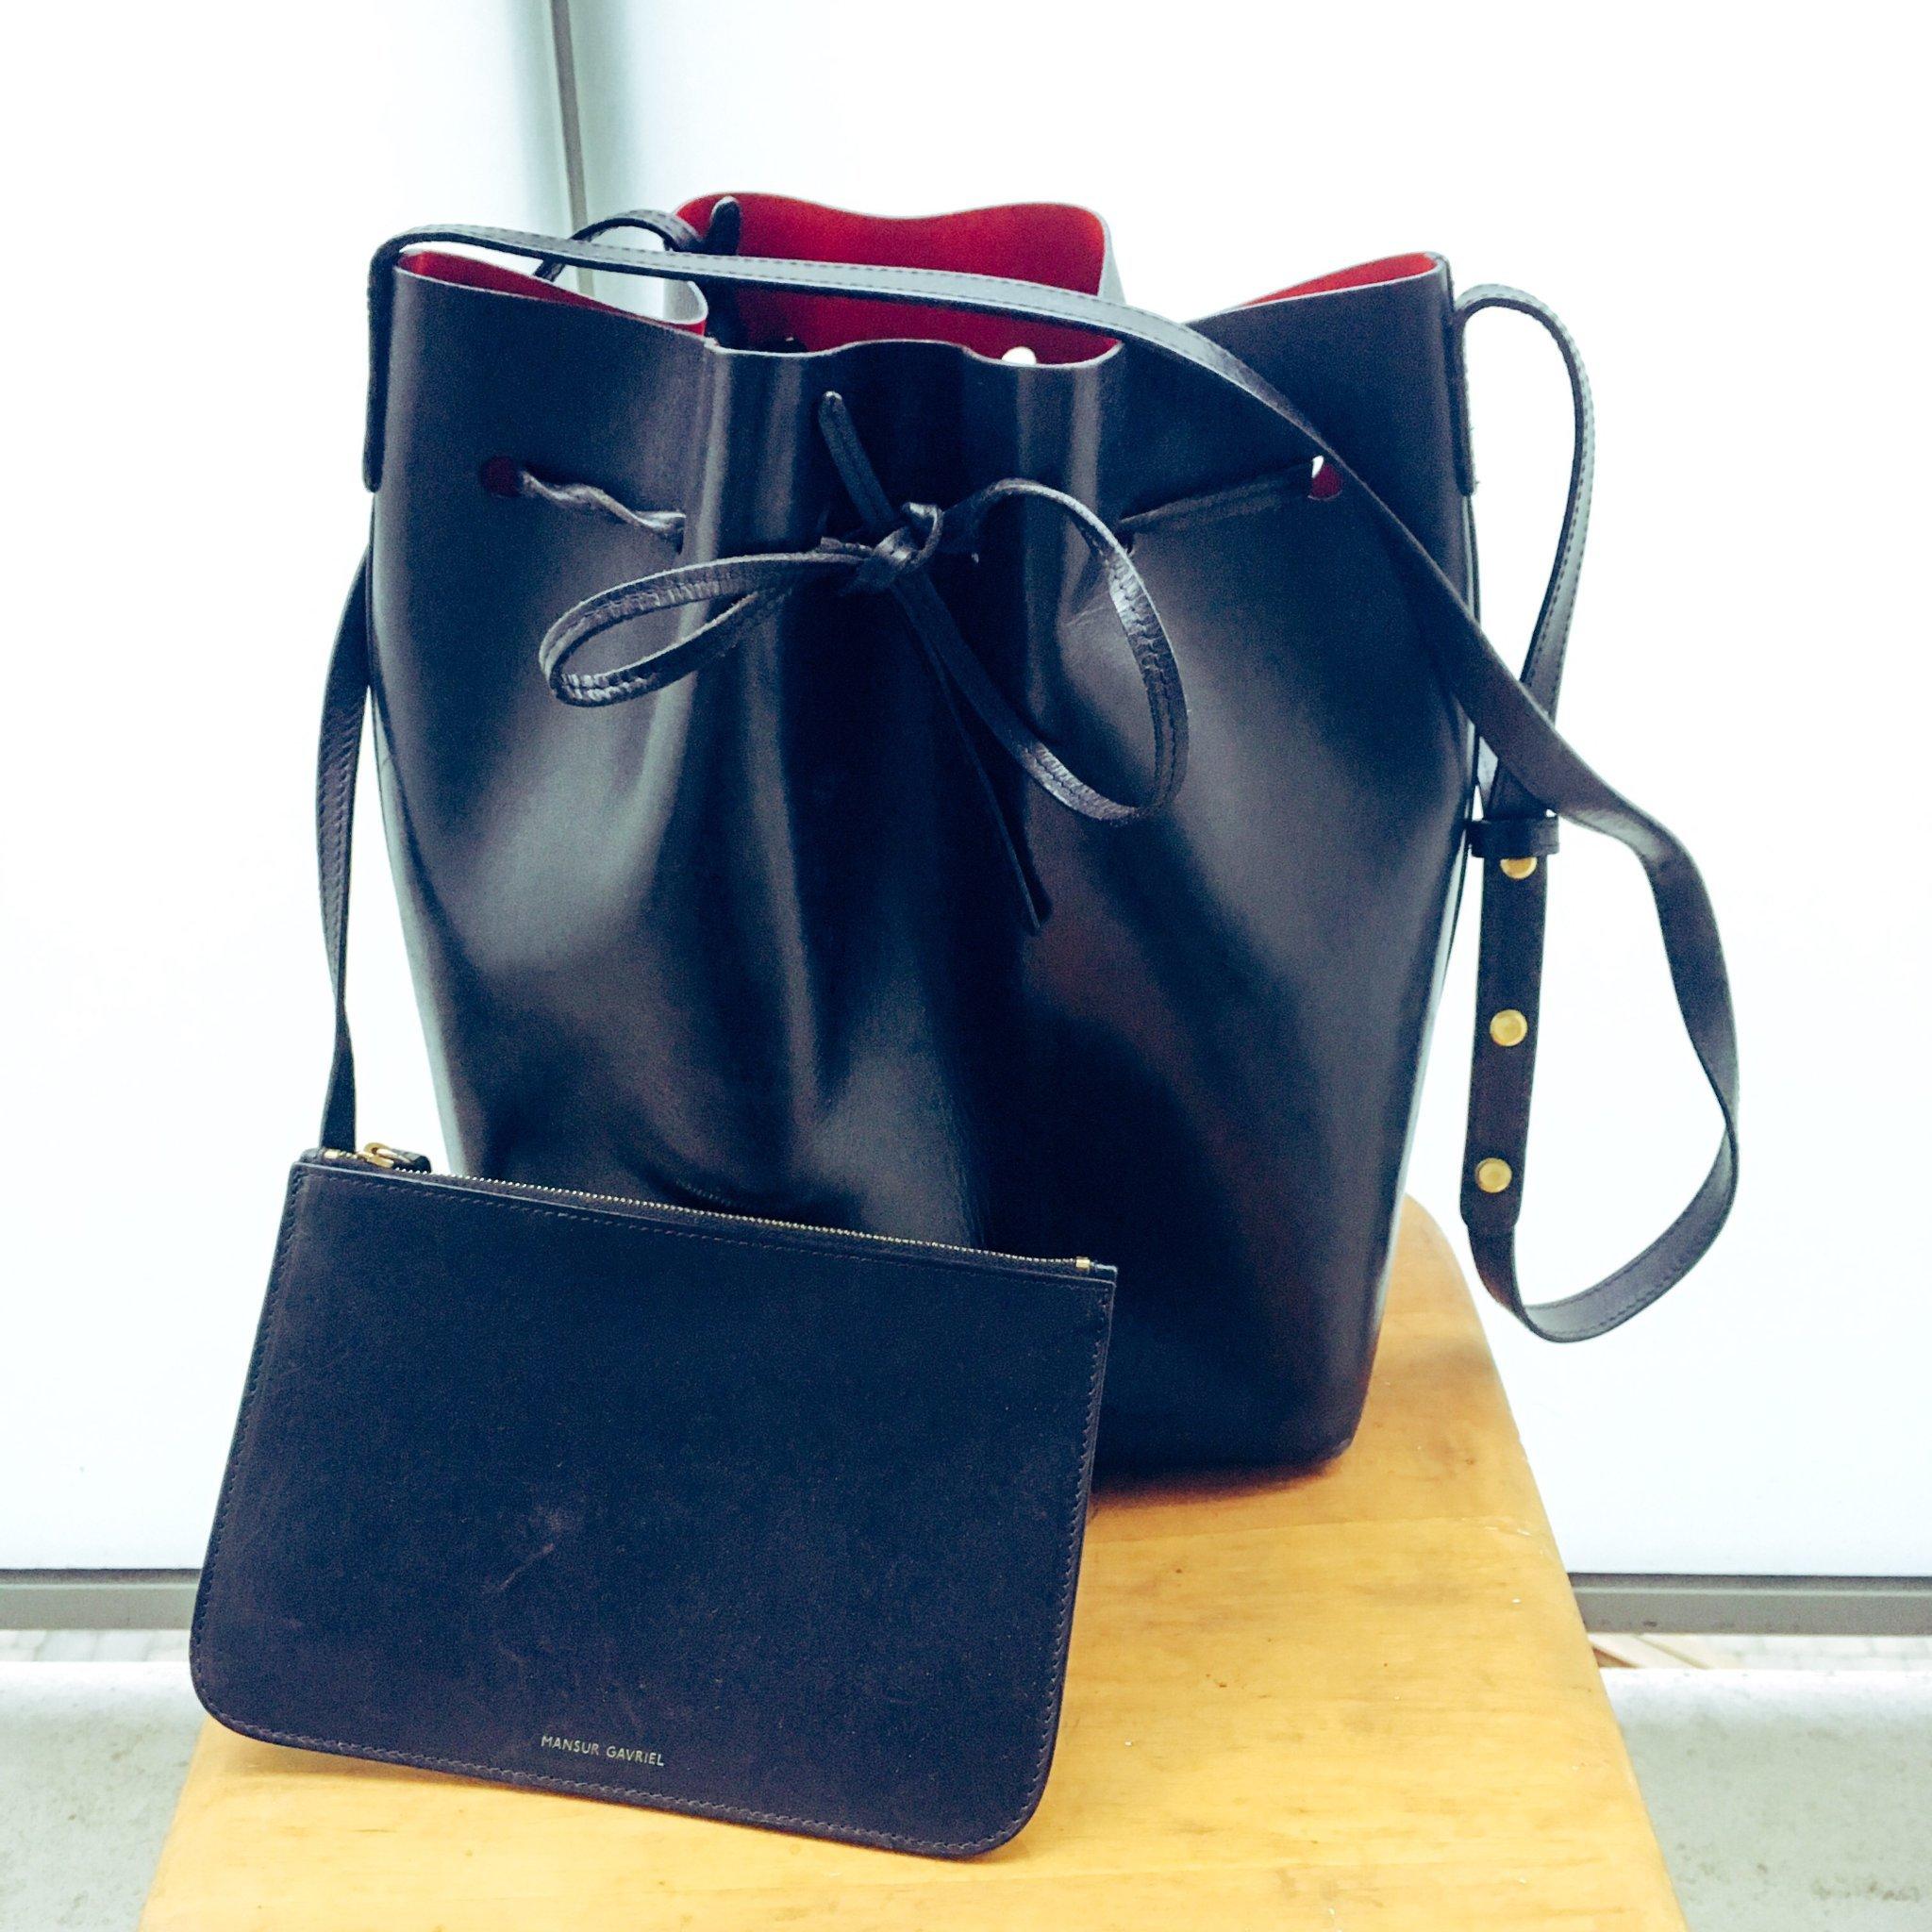 Mansur Gavriel Bucket Bag 356170111 ᐈ Köp På Tradera